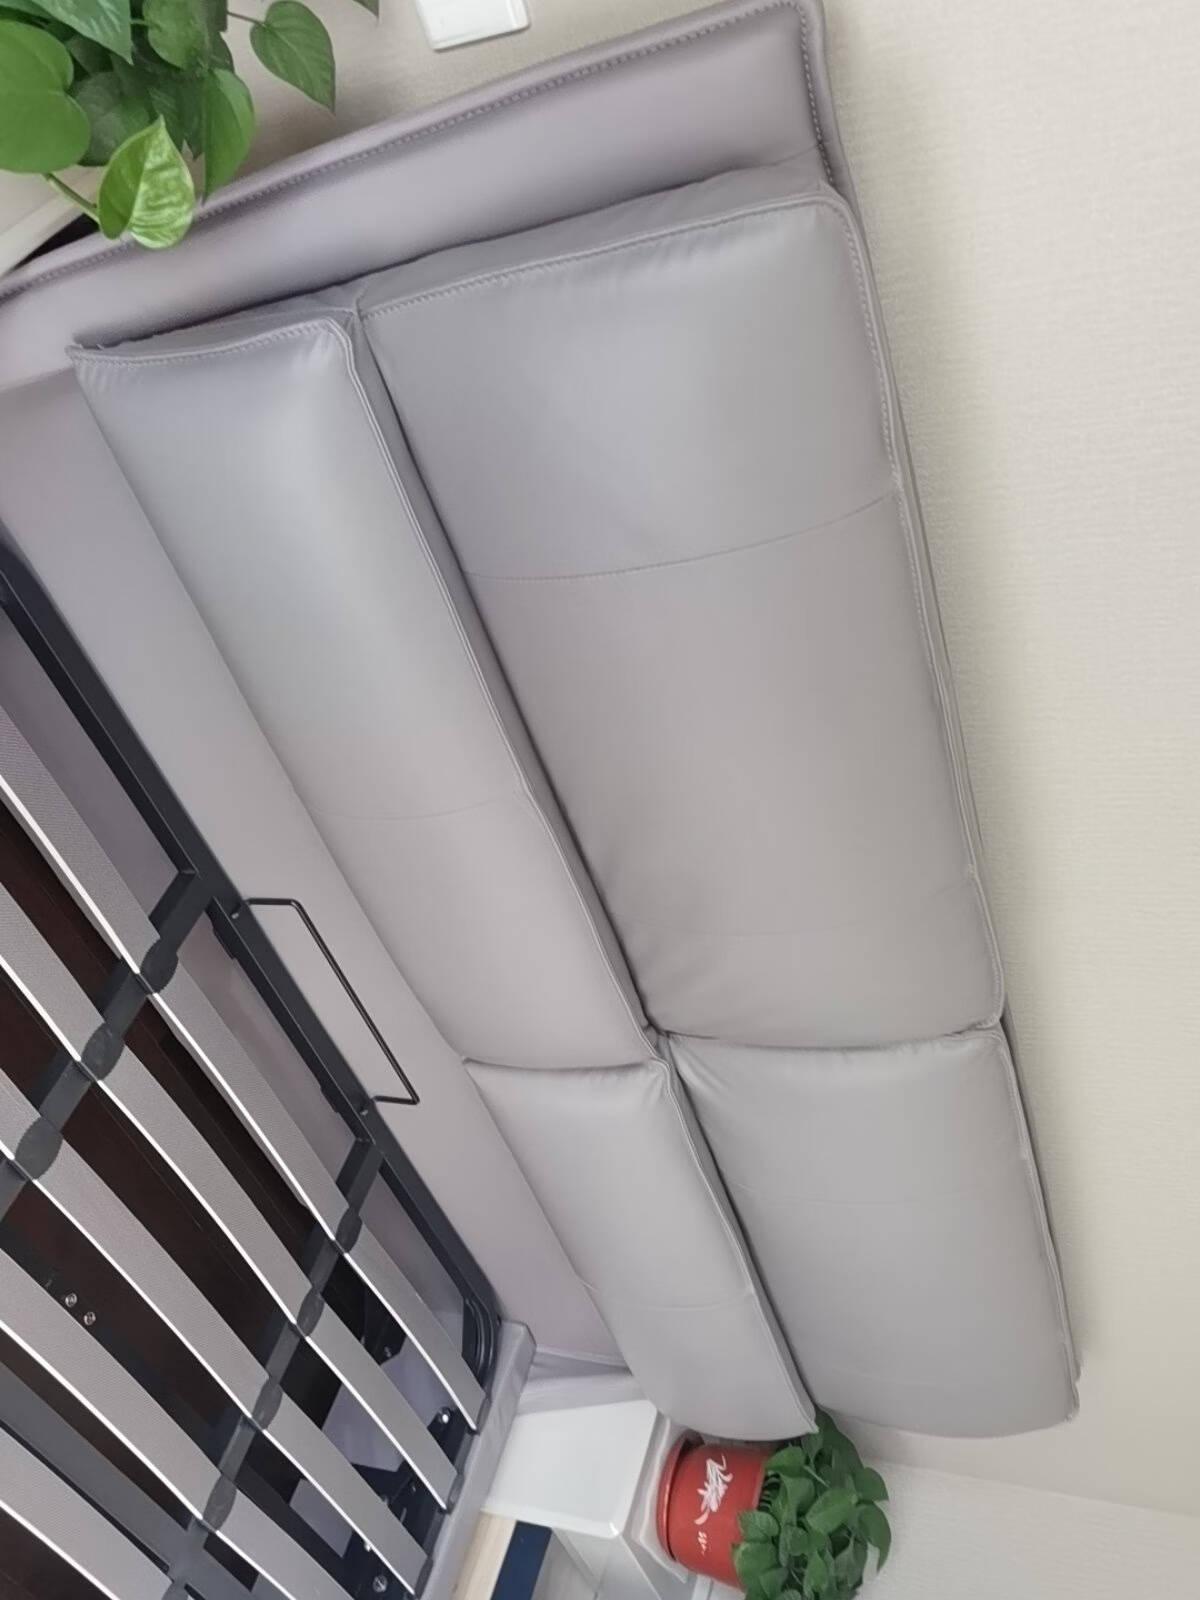 芝华仕·爱蒙床真皮双人床储物软床现代卧室主卧大床1.8米C066冰岛灰1800*200015天内发货